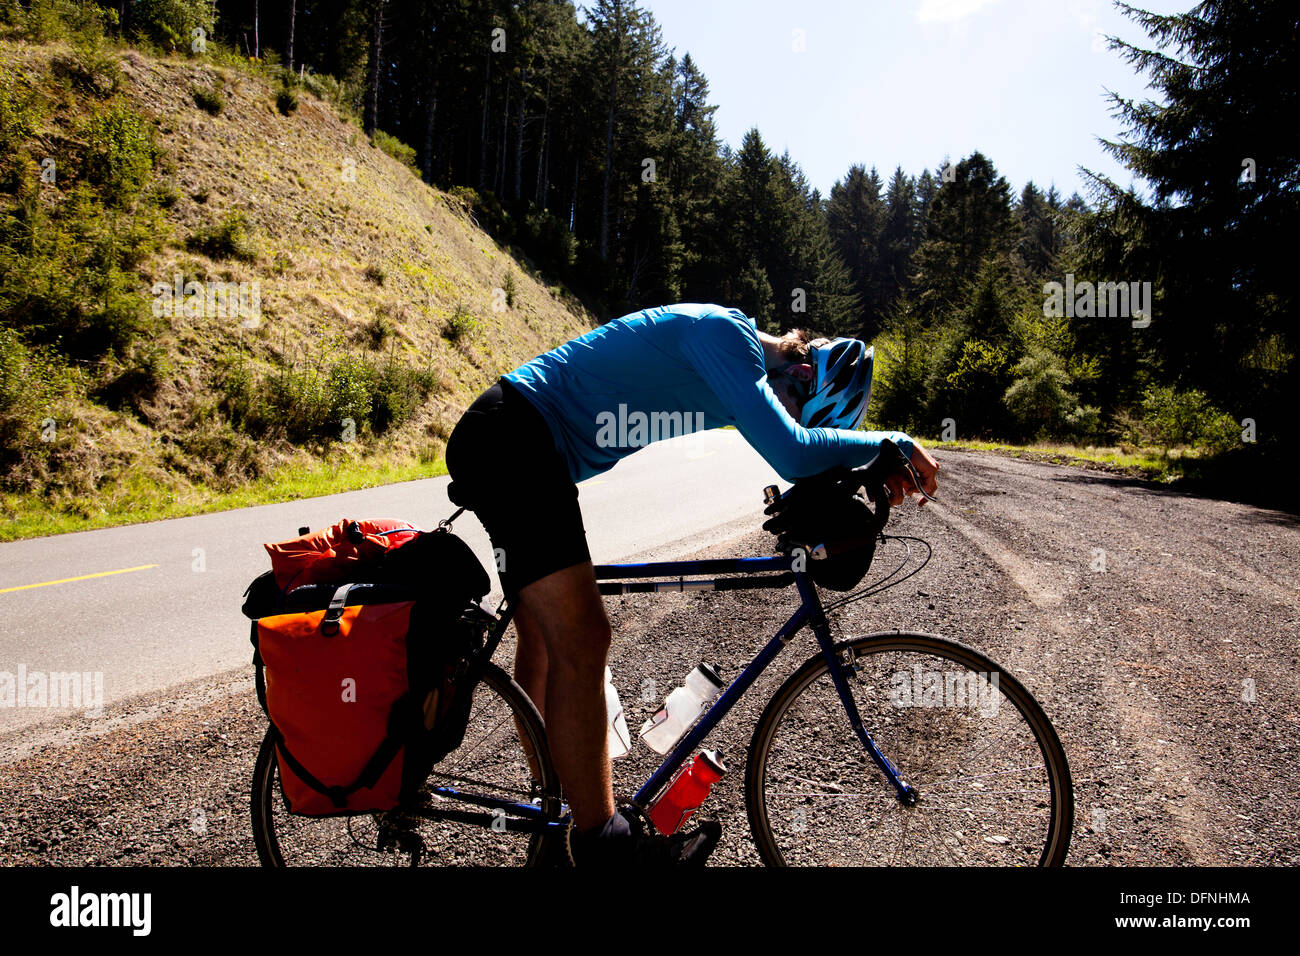 Ein erschöpfter männliche Radfahrer beugt sich über seine Tourenrad beim Klettern beginnt Road in Stockbild